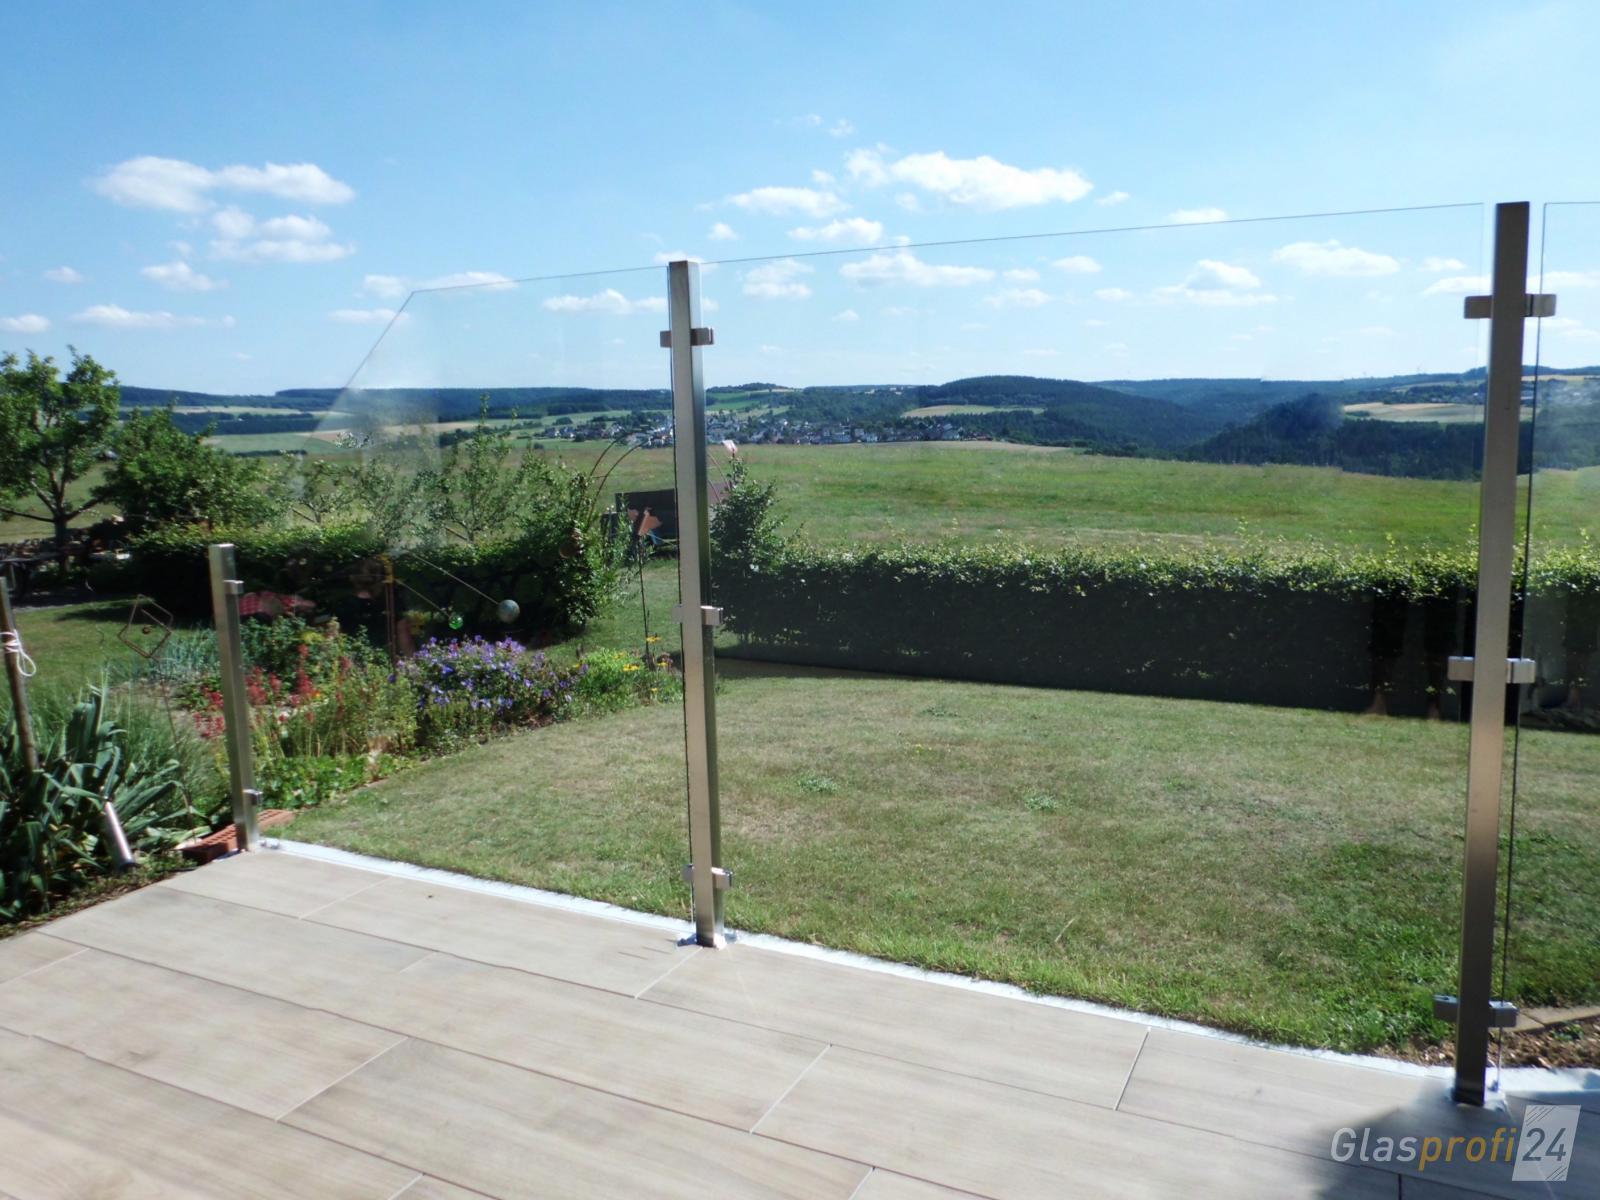 Edelstahl Pfosten Wpc Sichtschutz Zaun Windschutz Element Holz